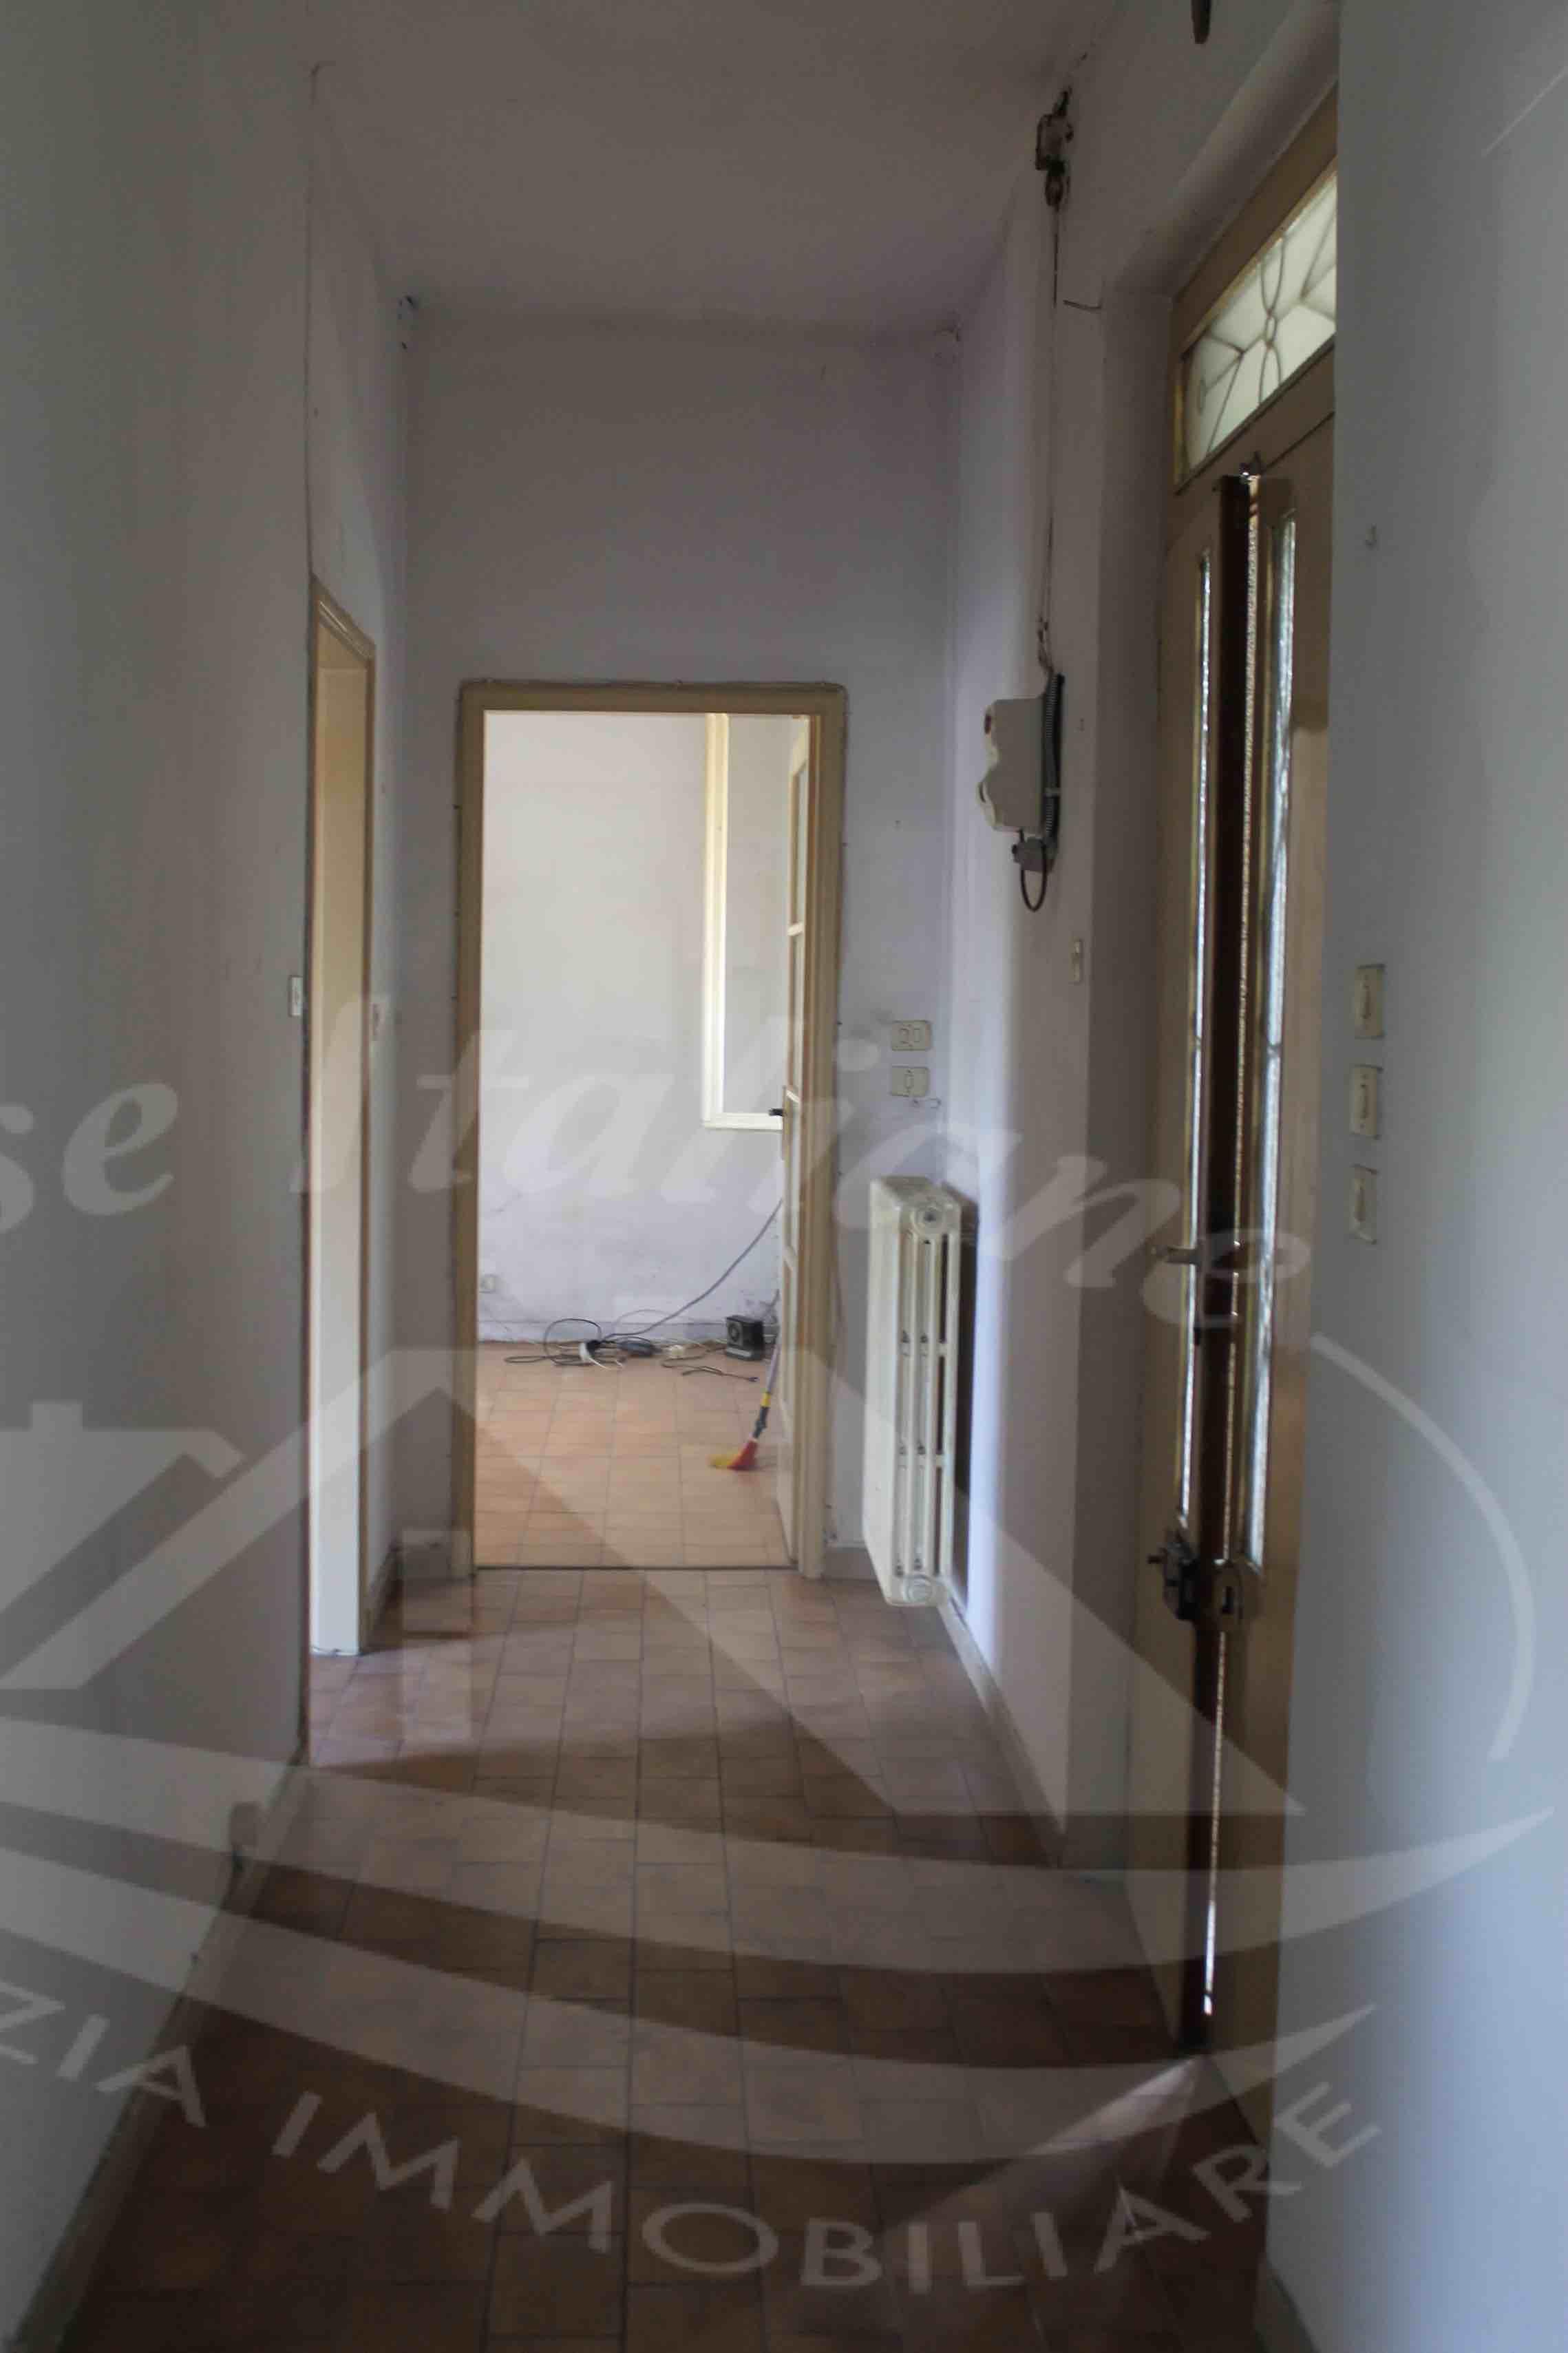 Photo 3 case italiane agenzia immobiliare cant for Case italiane immobiliare